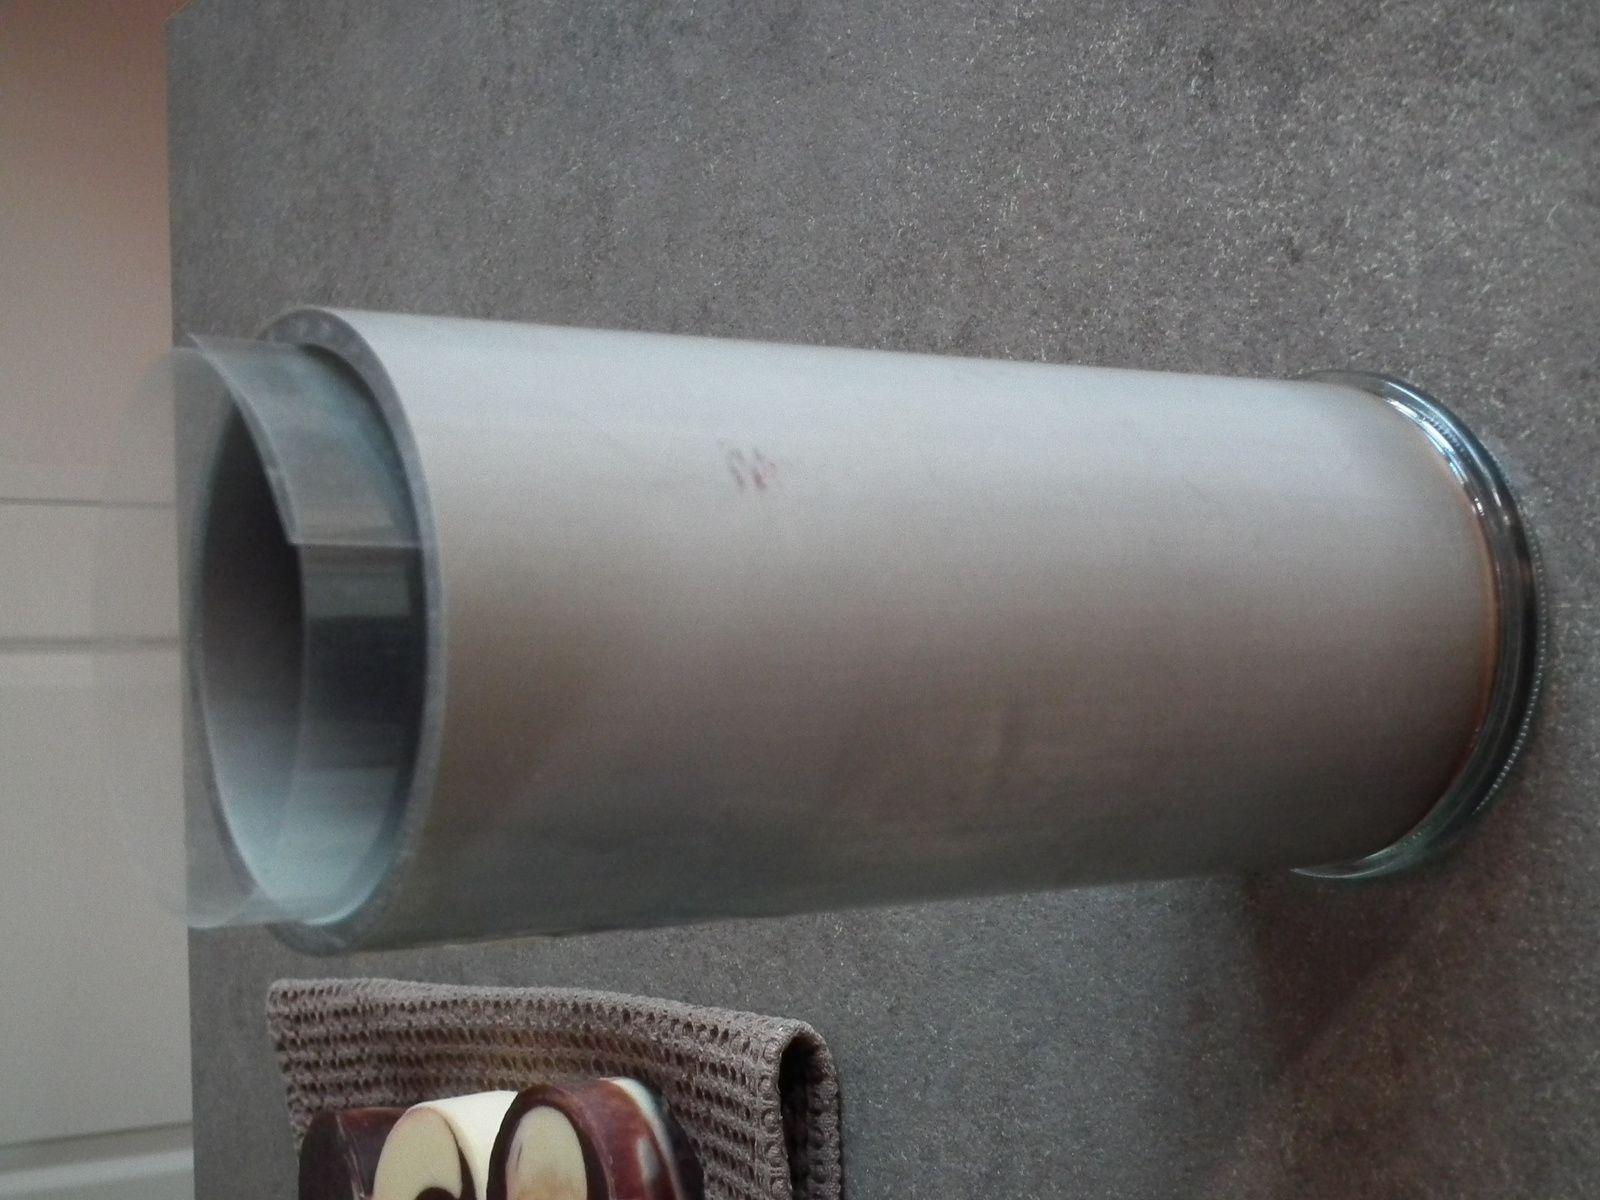 Le voici : un tuyau en pvc d'un diamètre de 8cm découpé à la bonne longueur, un couvercle en verre d'un bocal Le Parfait, la chauffe du tuyau pour qu'il s'emboîte bien avec le couvercle...  puis une feuille transparente de 200 microns d'épaisseur à mettre à l'intérieur avant coulage pour faciliter le démoulage et c'est tout ! Prix de l'opération = 0€ pour nous, que de la récup qu'on avait déjà à la maison....